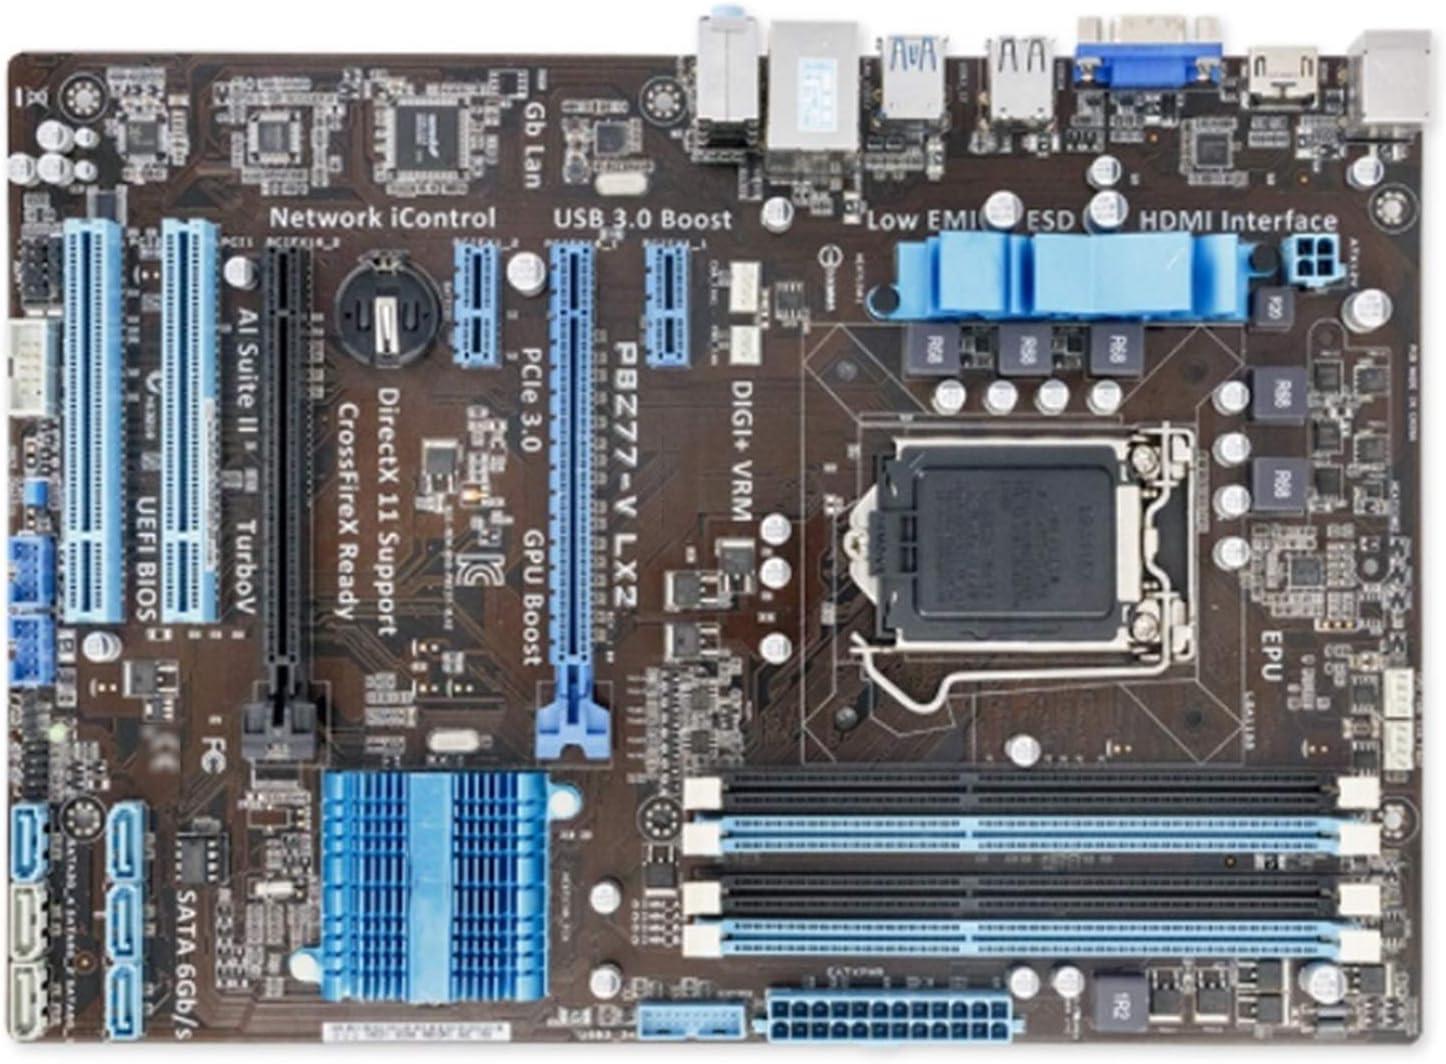 KKLL 5 ☆ very popular Computer Motherboard Gaming LGA depot DDR3 f Fit 1155